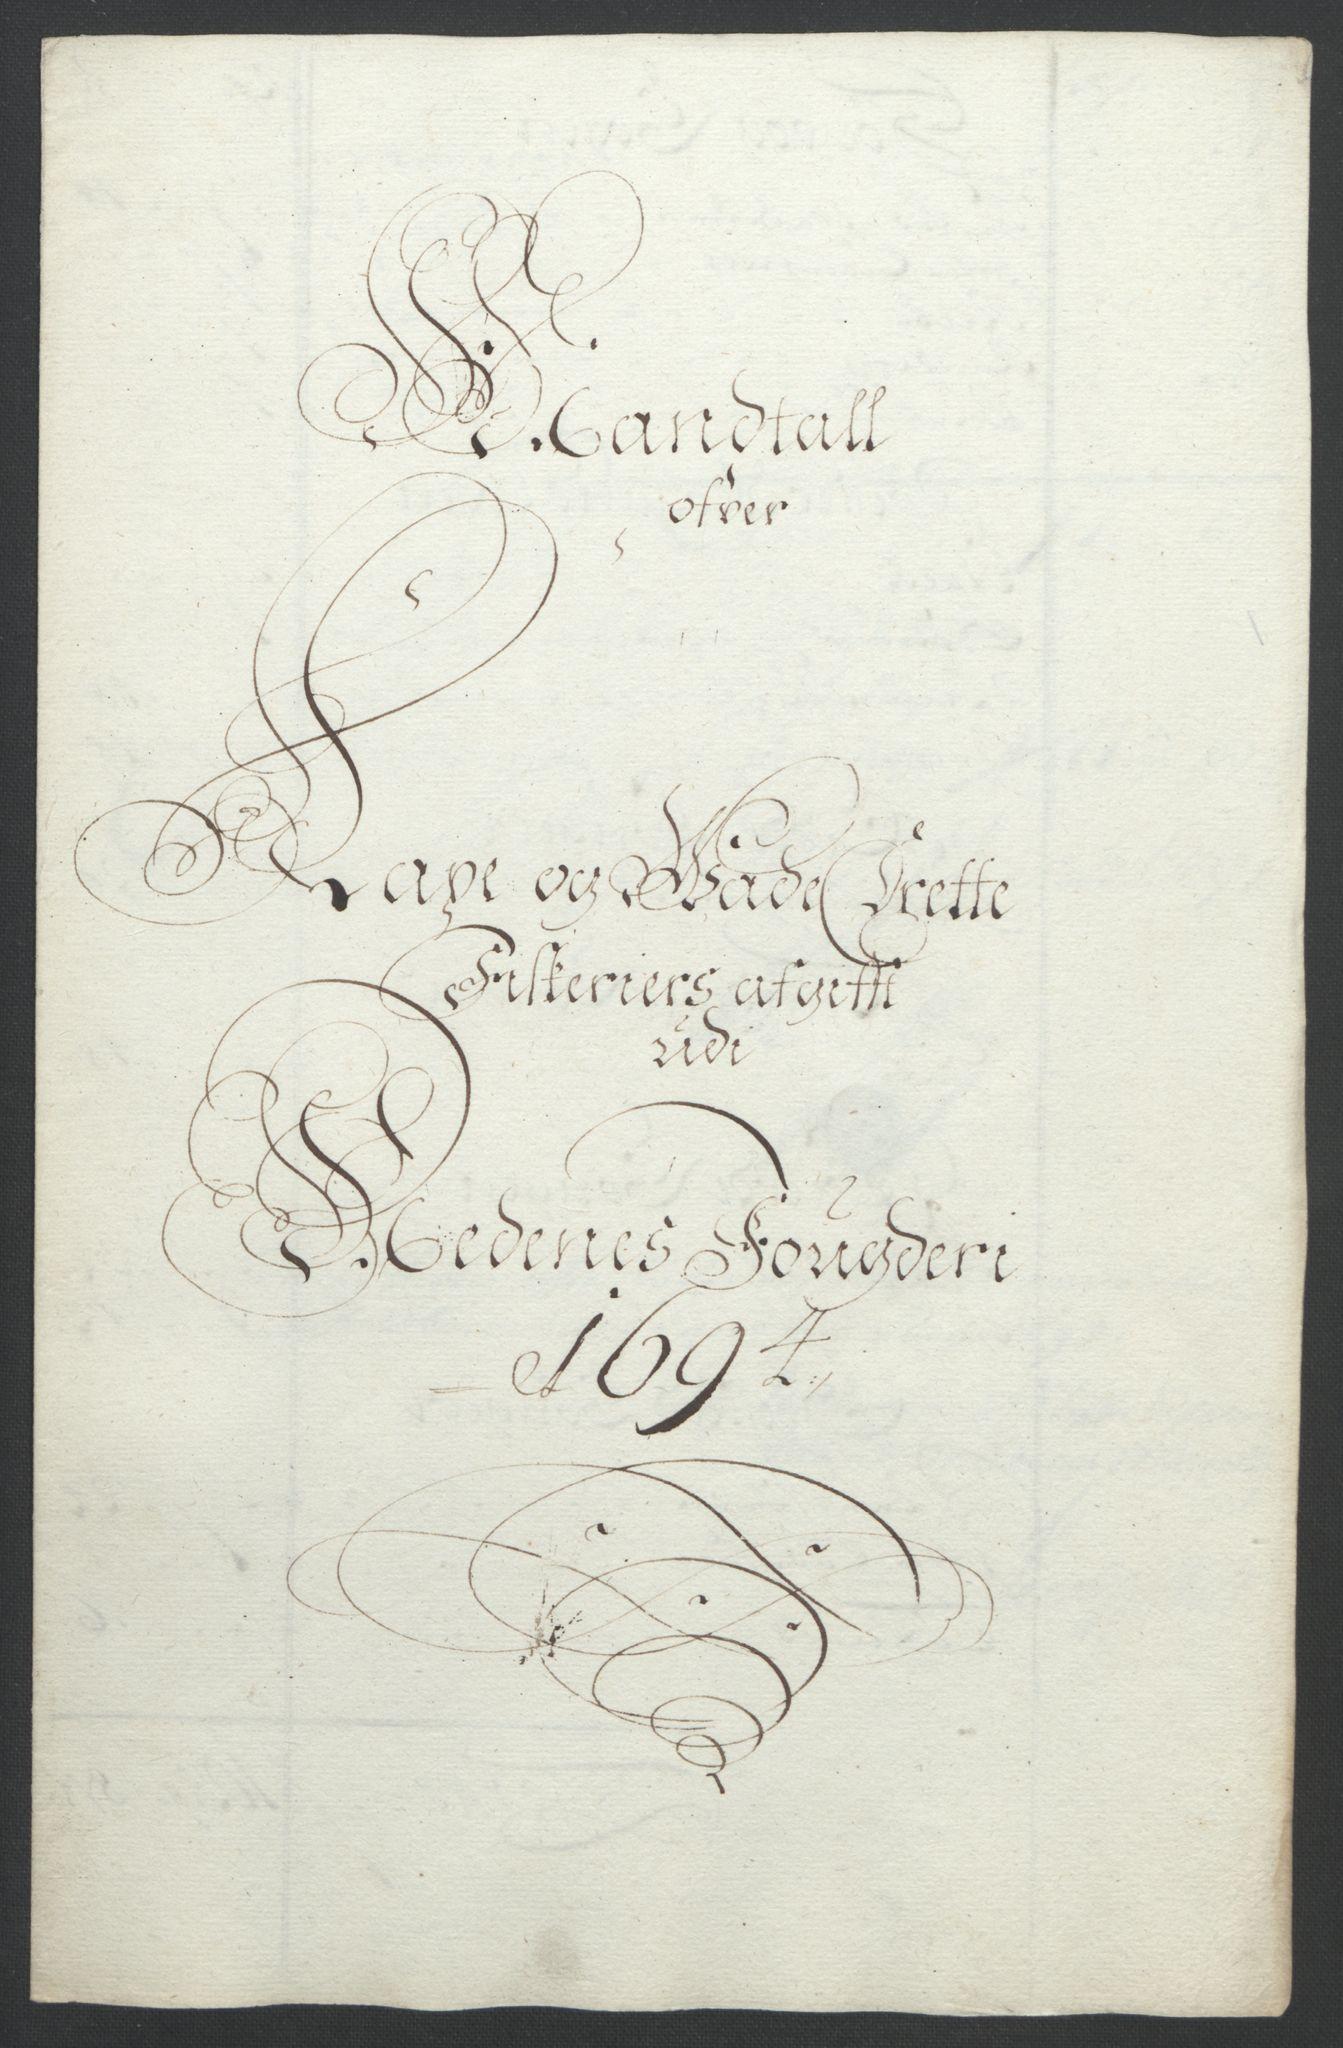 RA, Rentekammeret inntil 1814, Reviderte regnskaper, Fogderegnskap, R39/L2312: Fogderegnskap Nedenes, 1693-1695, s. 133